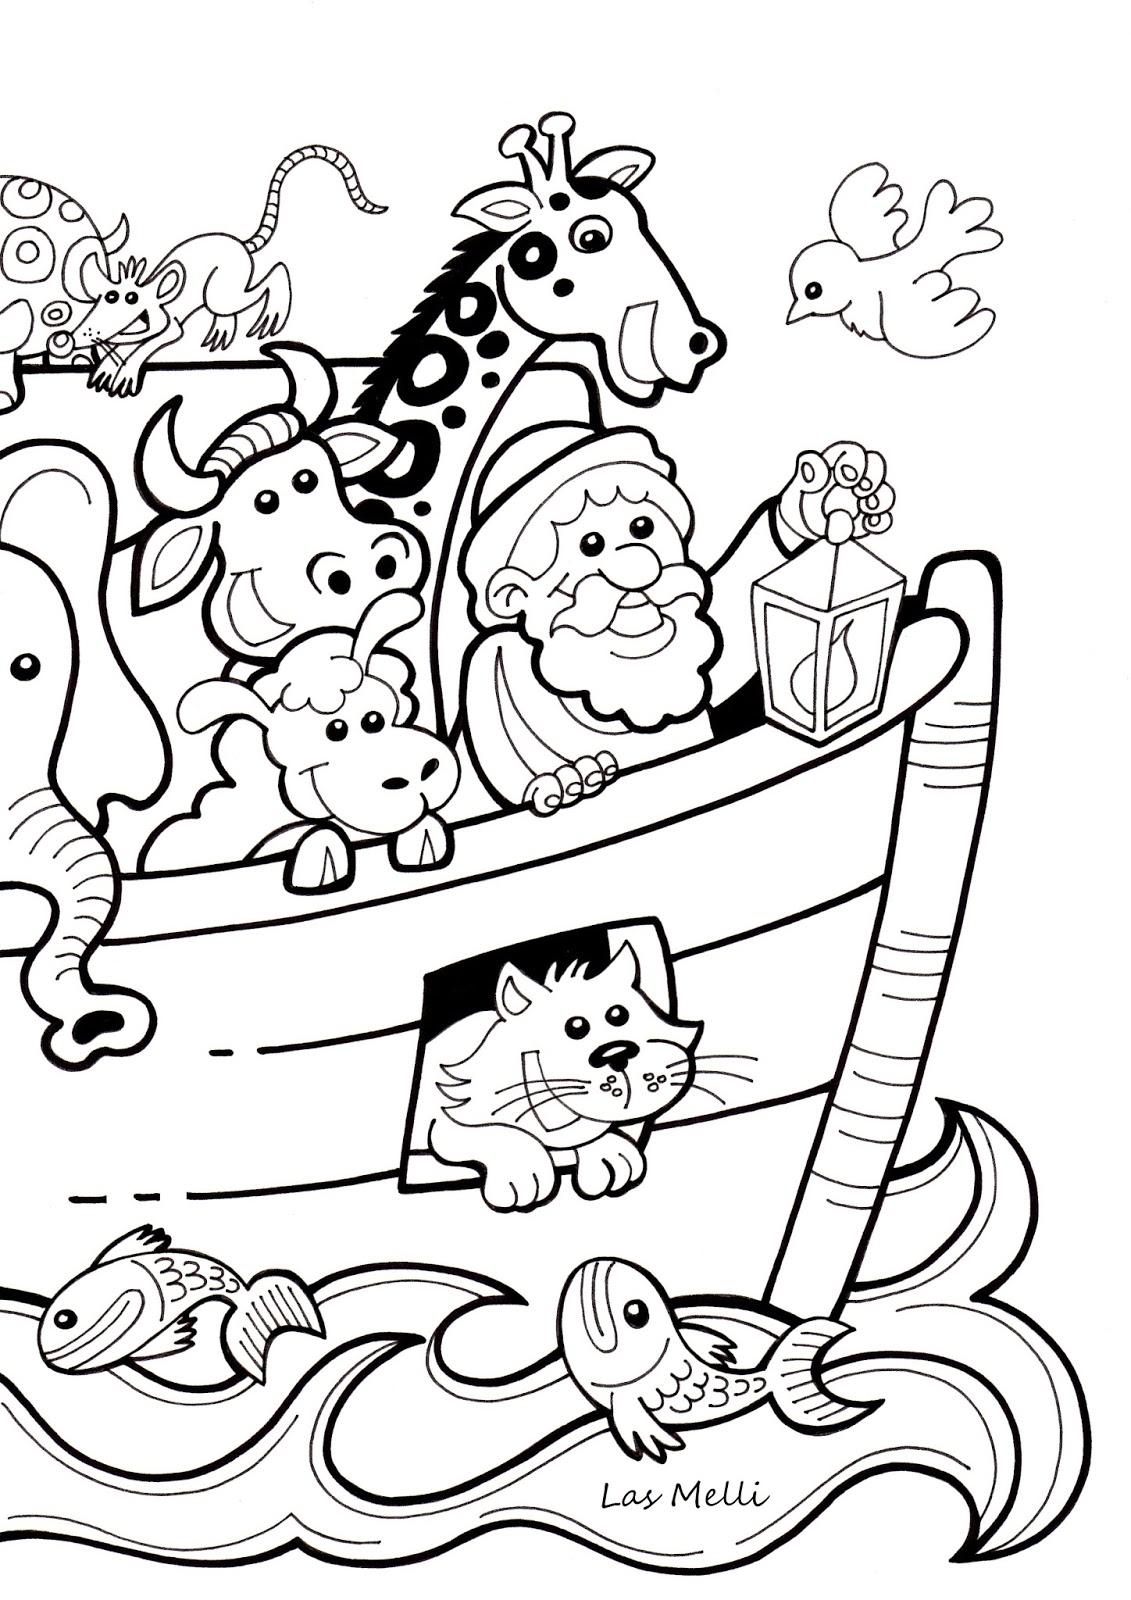 El Rincón de las Melli: LÁMINA: El Arca de Noé (para los más chiquitos)